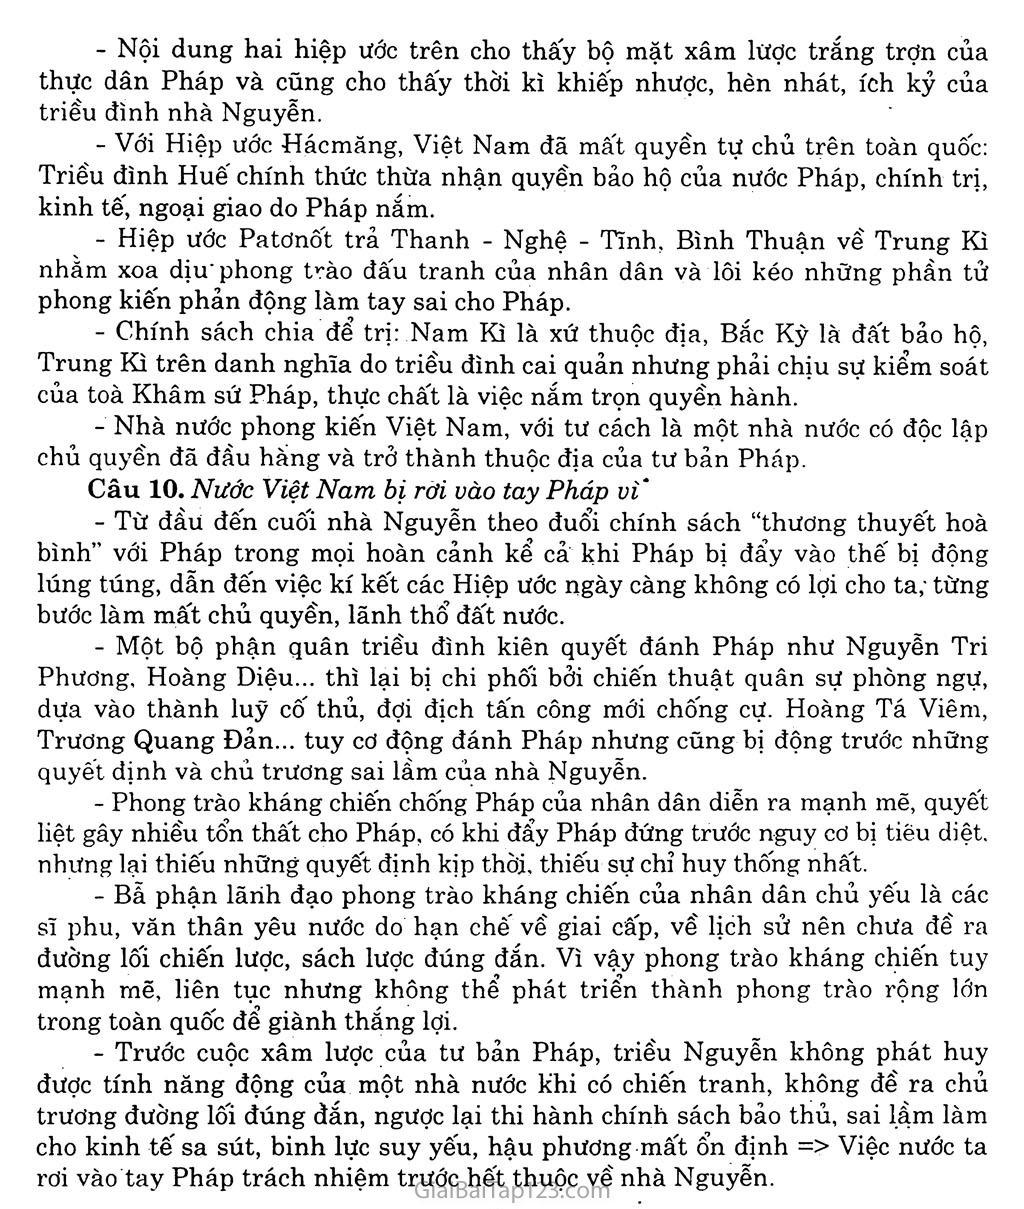 Bài 20: Chiến sự lan rộng ra cả nước: Cuộc kháng chiến của nhân dân ta từ năm 1873 đến năm 1884: Nhà Nguyễn đầu hàng trang 8